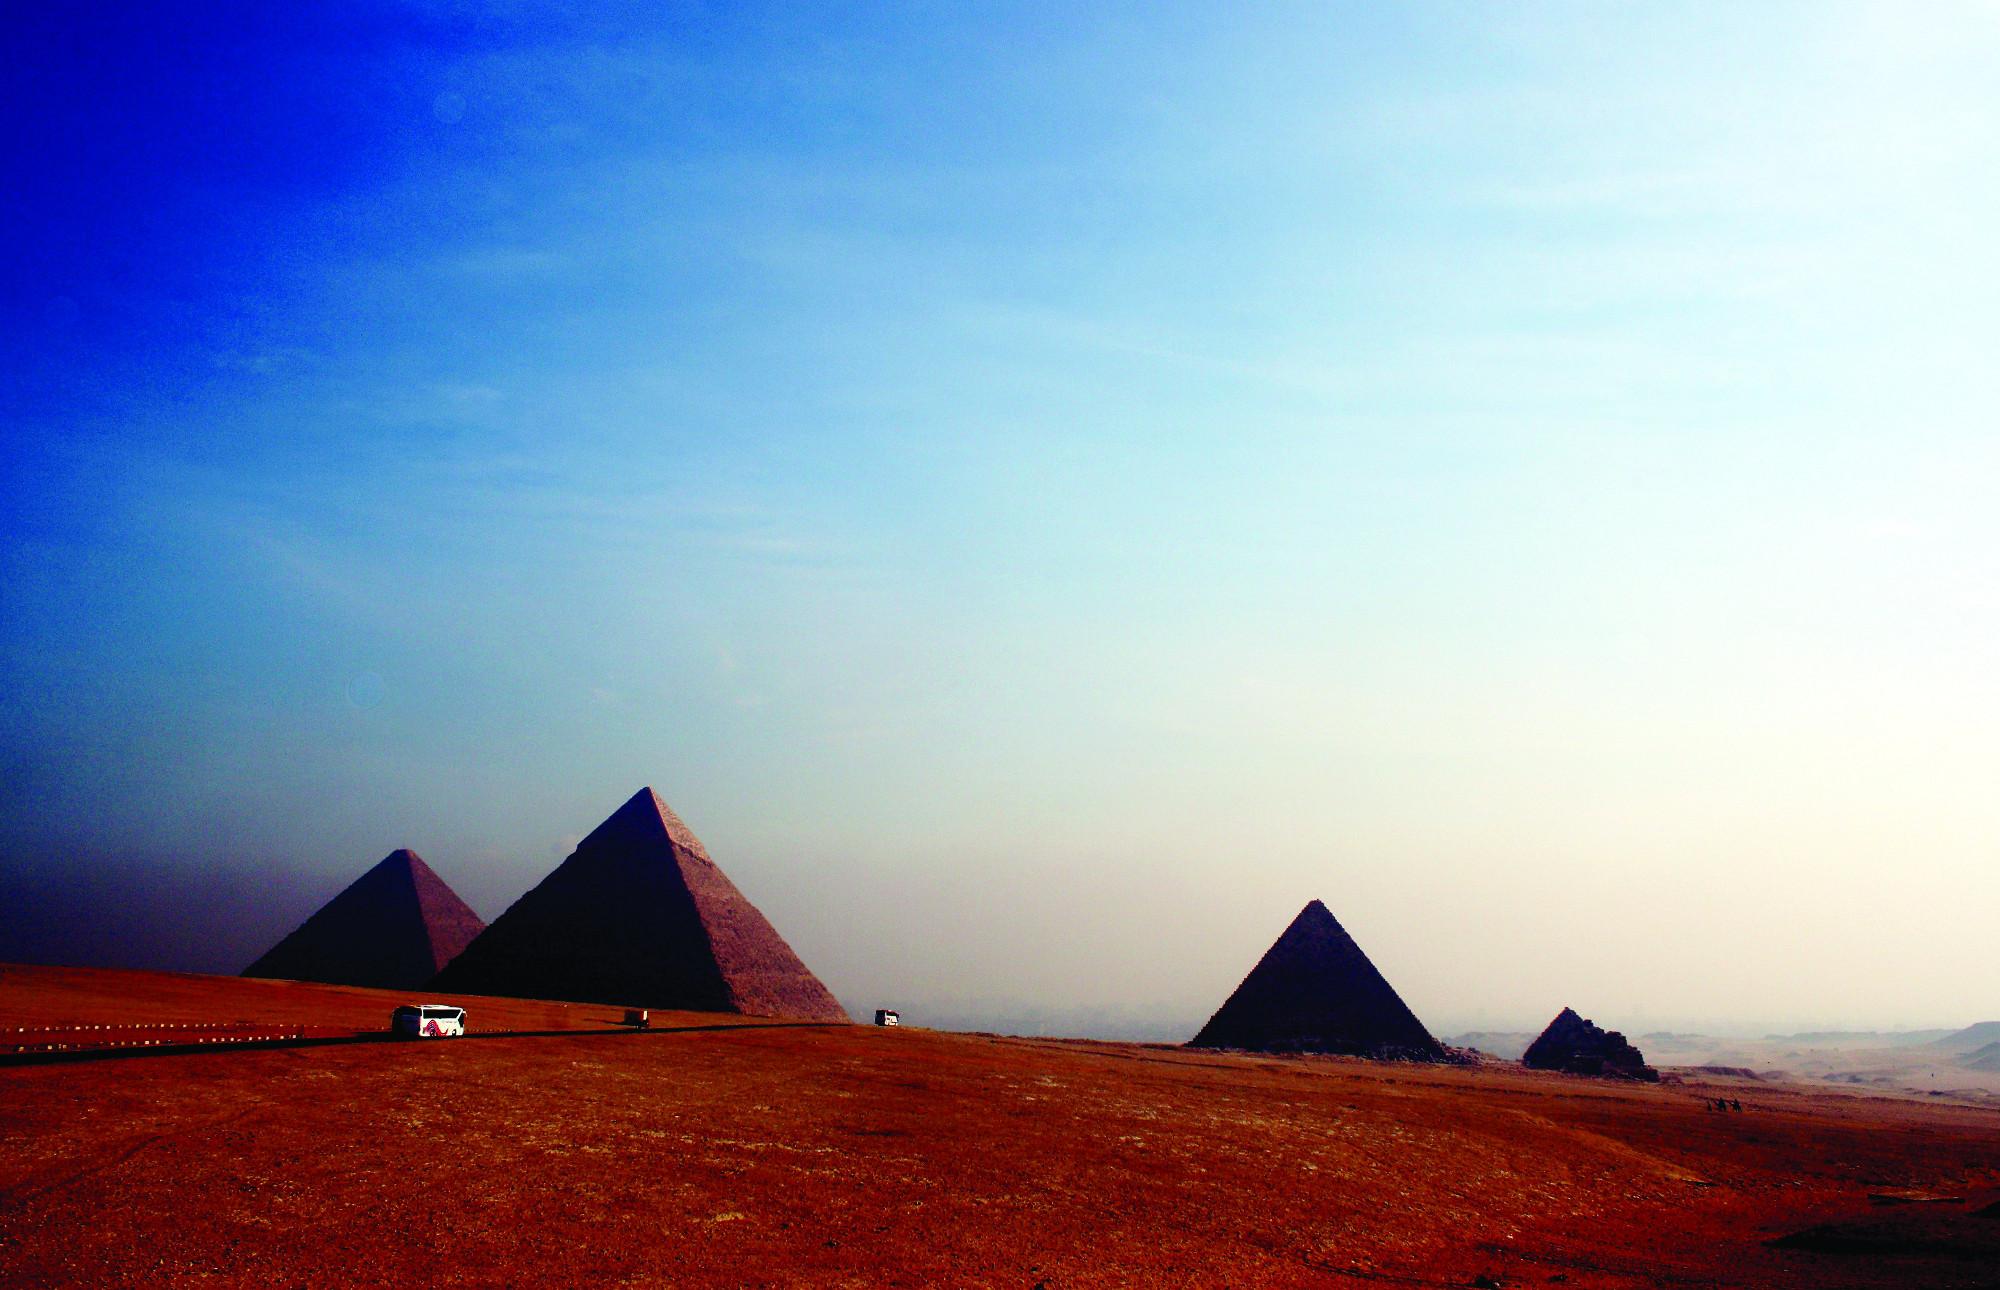 Piramidy w Gizie, dzięki którym zachowało się wiele egzemplarzy starożytnych dóbr luksusowych (fot. Hedwig Storch / CC A-SA 3.0)